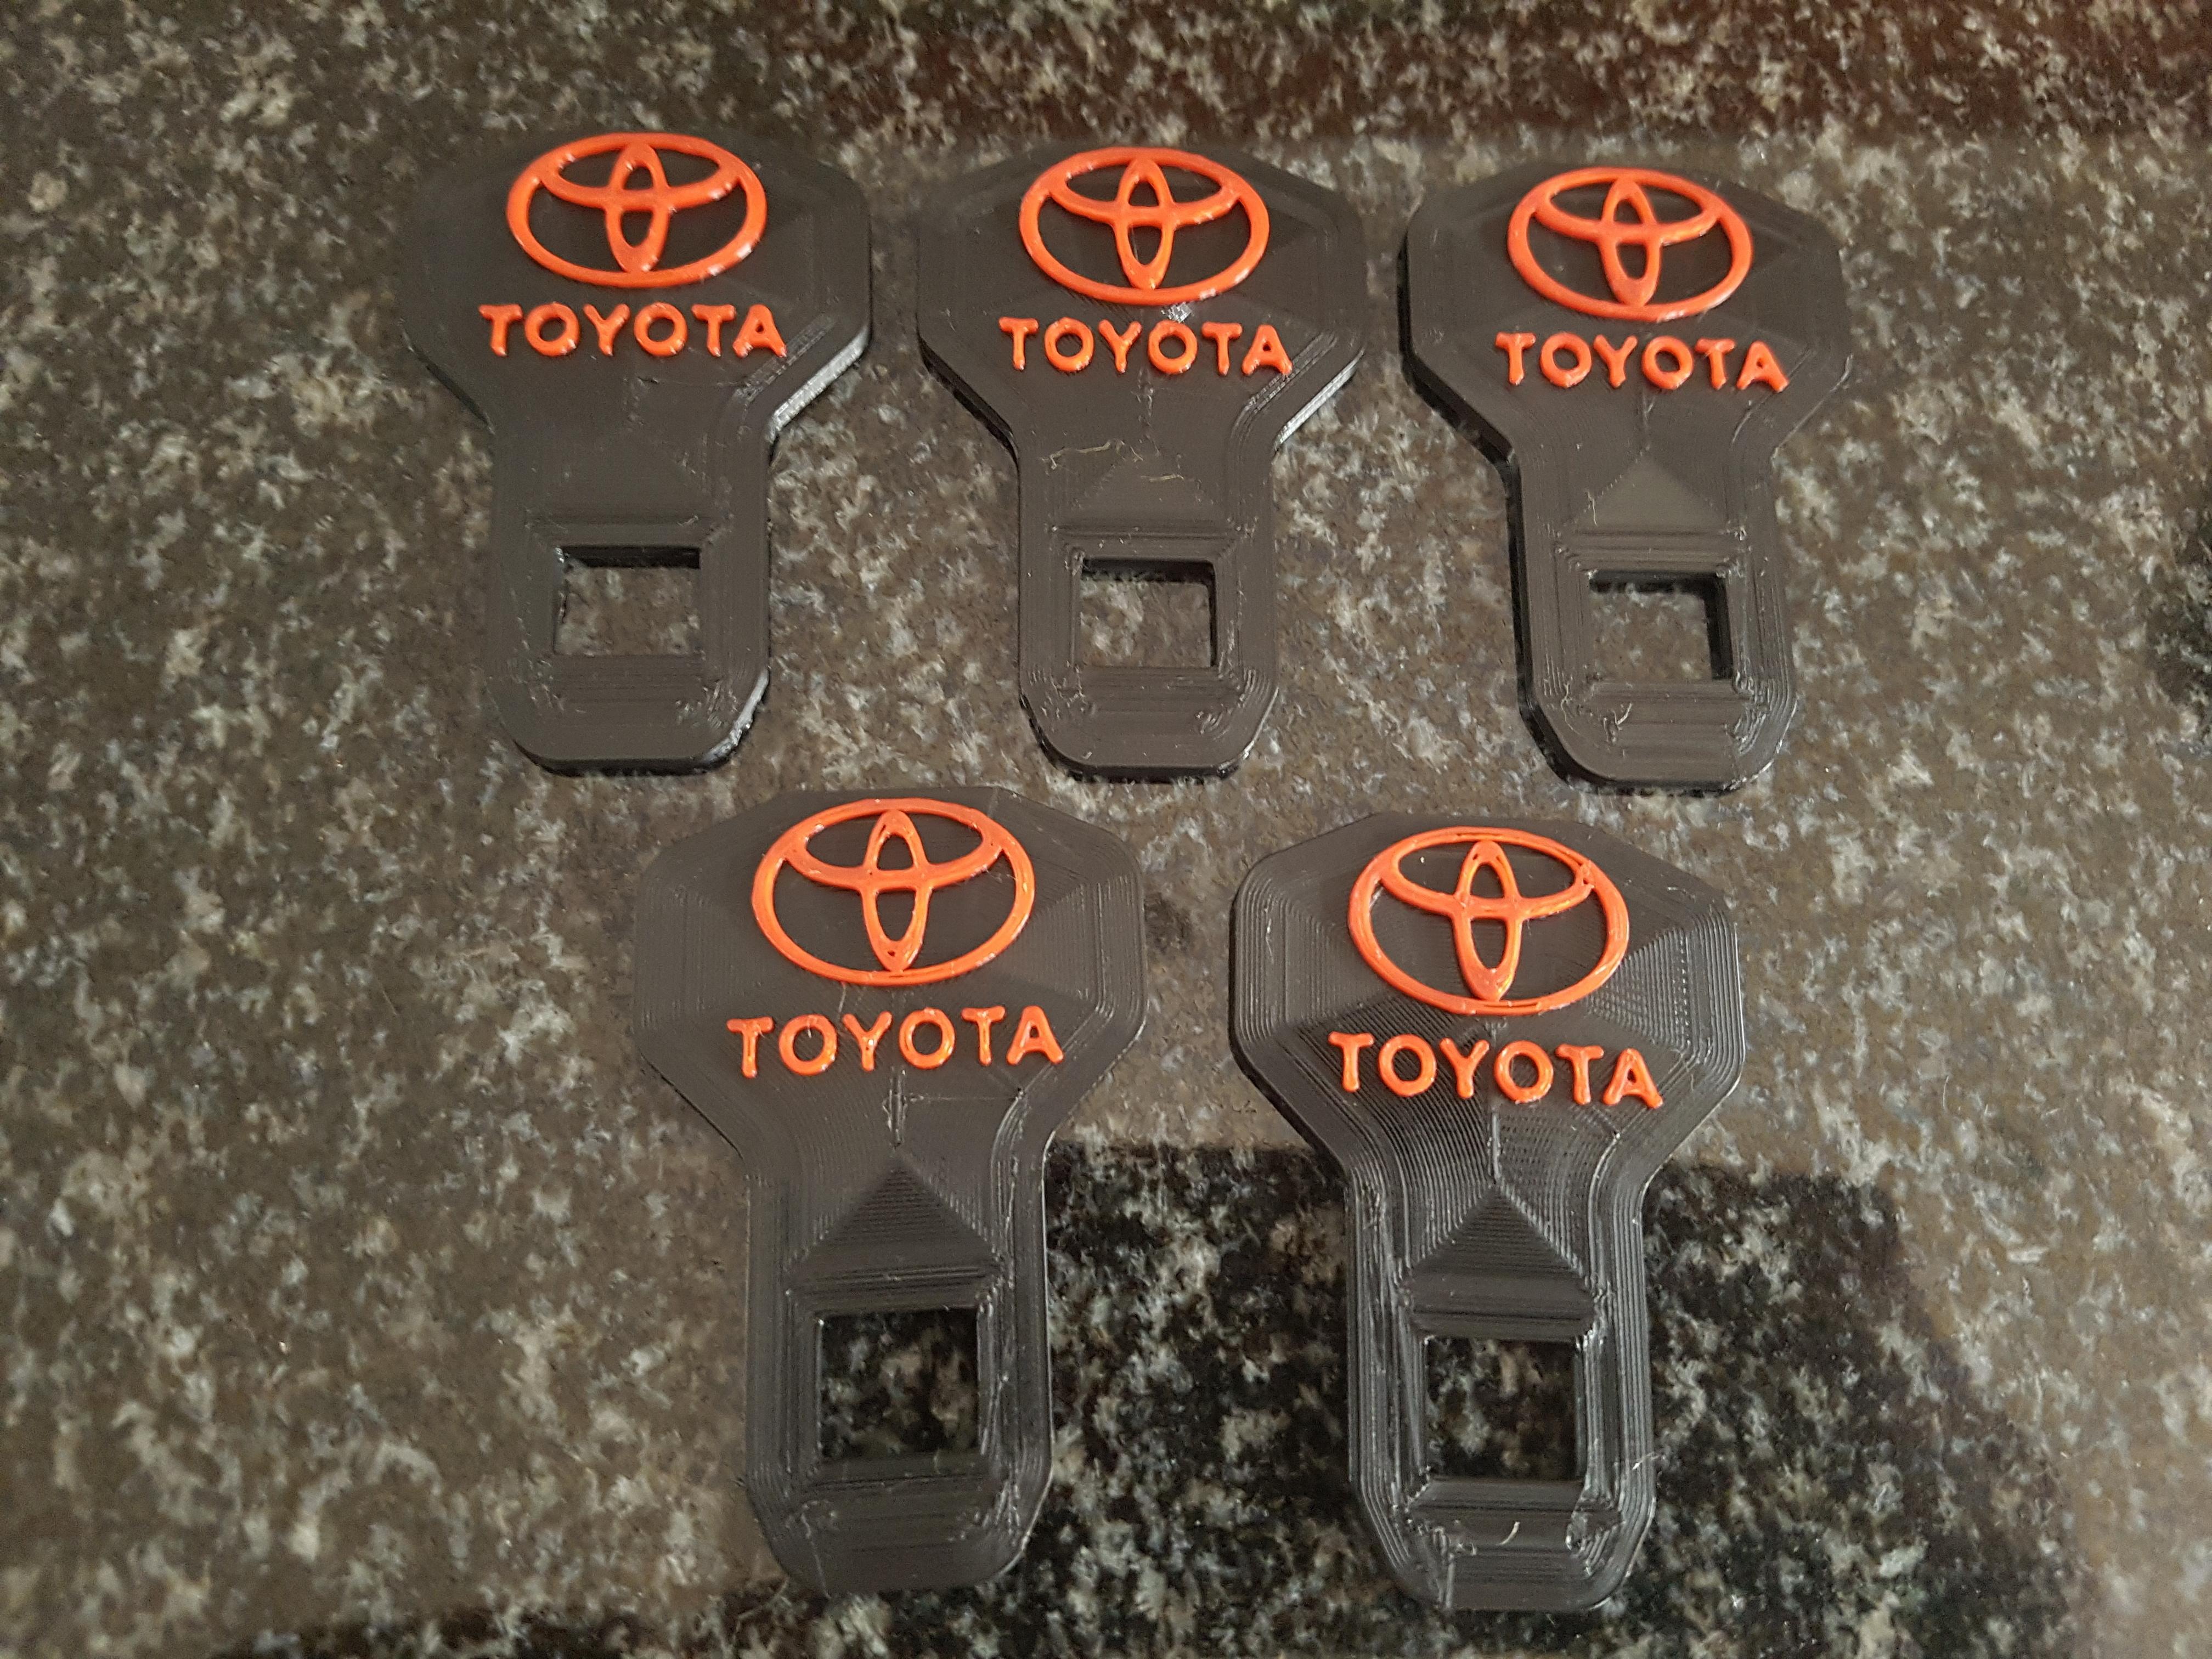 Hebilla De Seguridad Toyota Cinturón de Seguridad de la clave de la lengua para detener alarma Cinturón de Calidad Superior